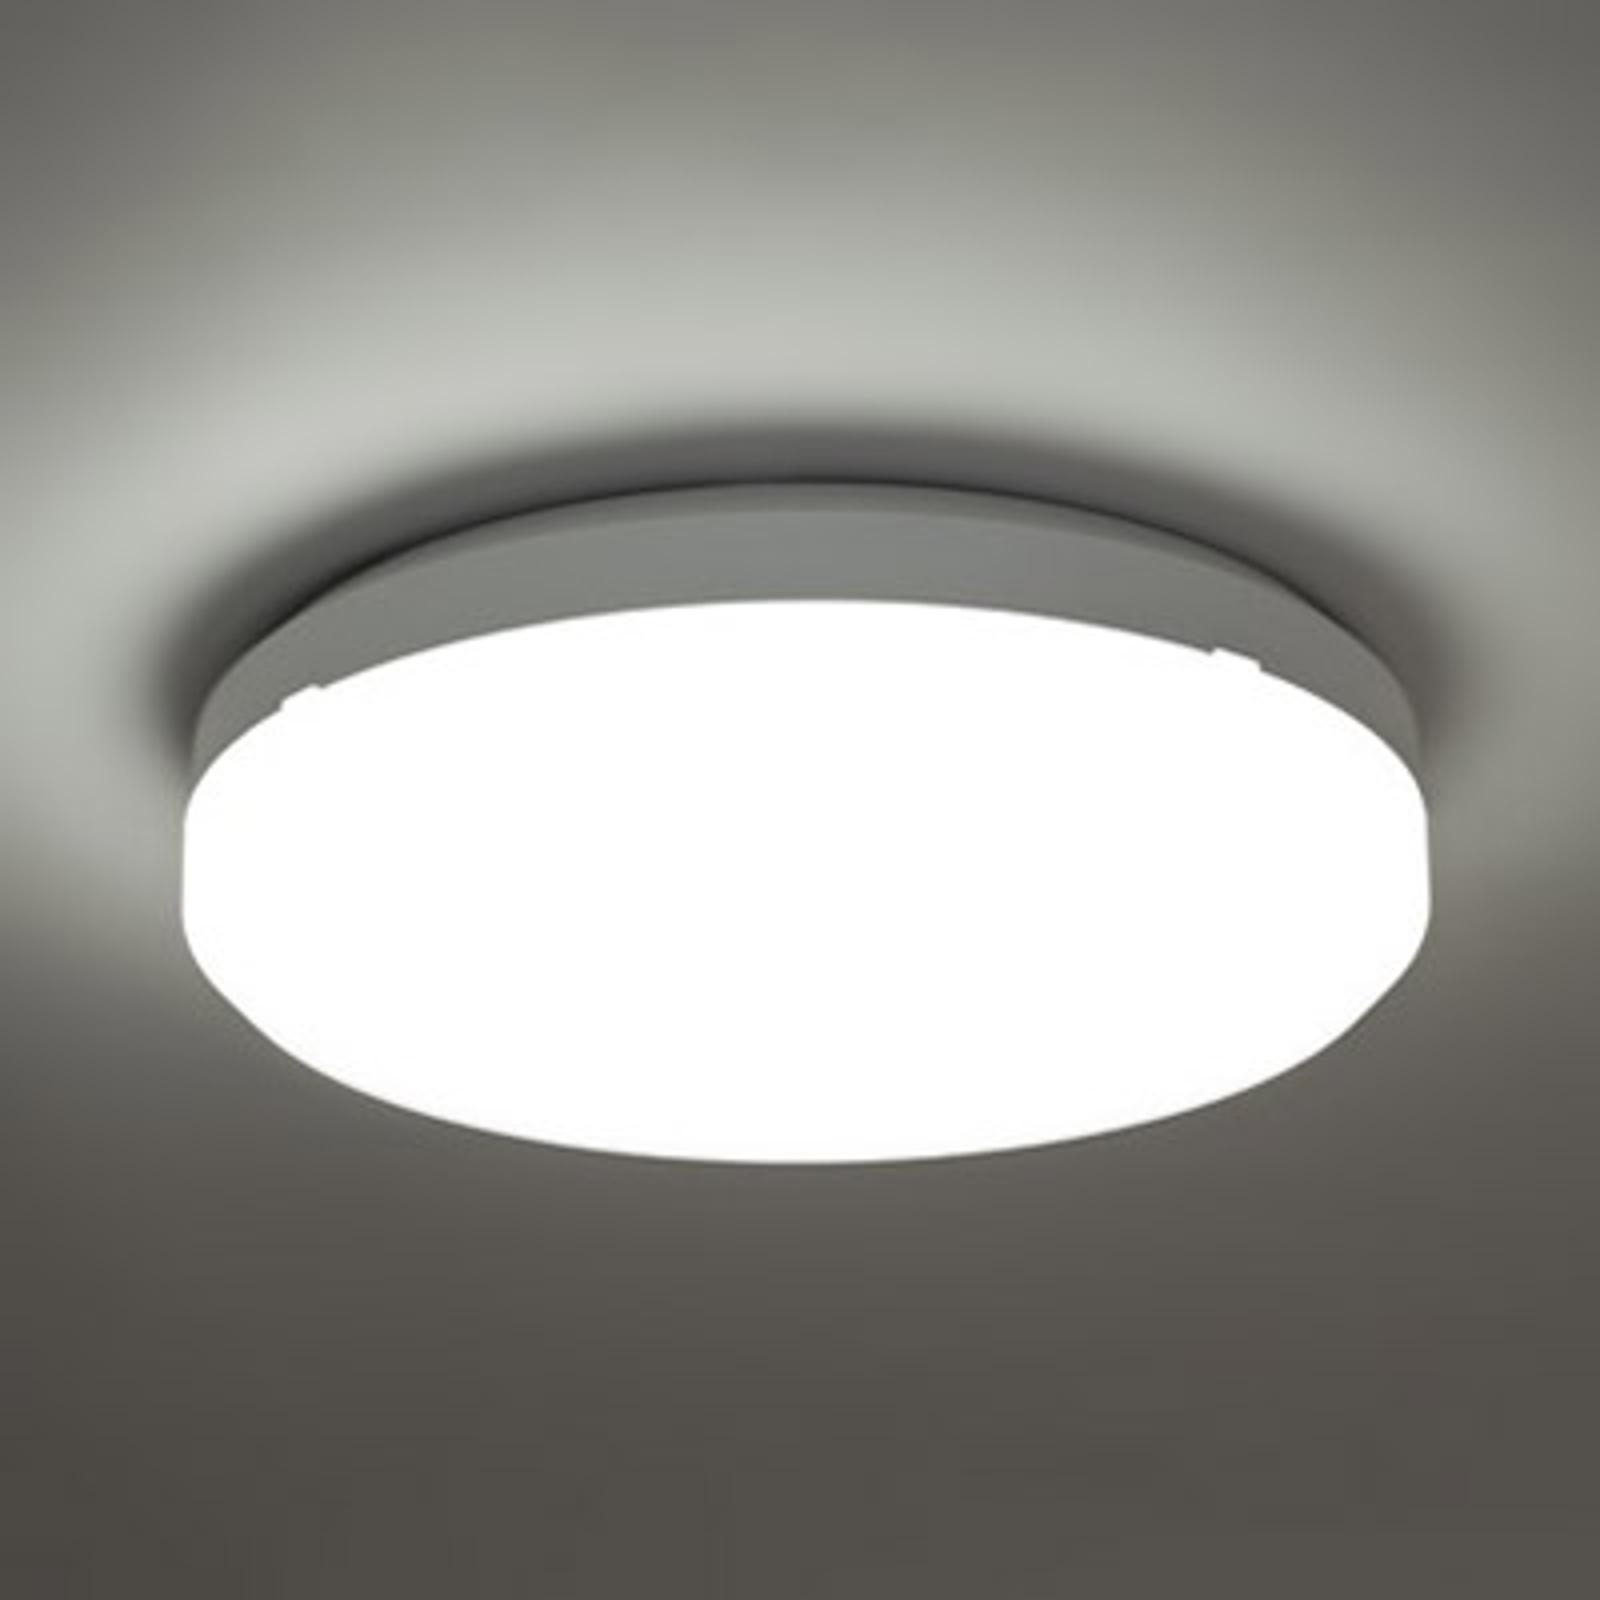 LED-kattovalaisin Sun 15 26W 4000K perusvalkoinen